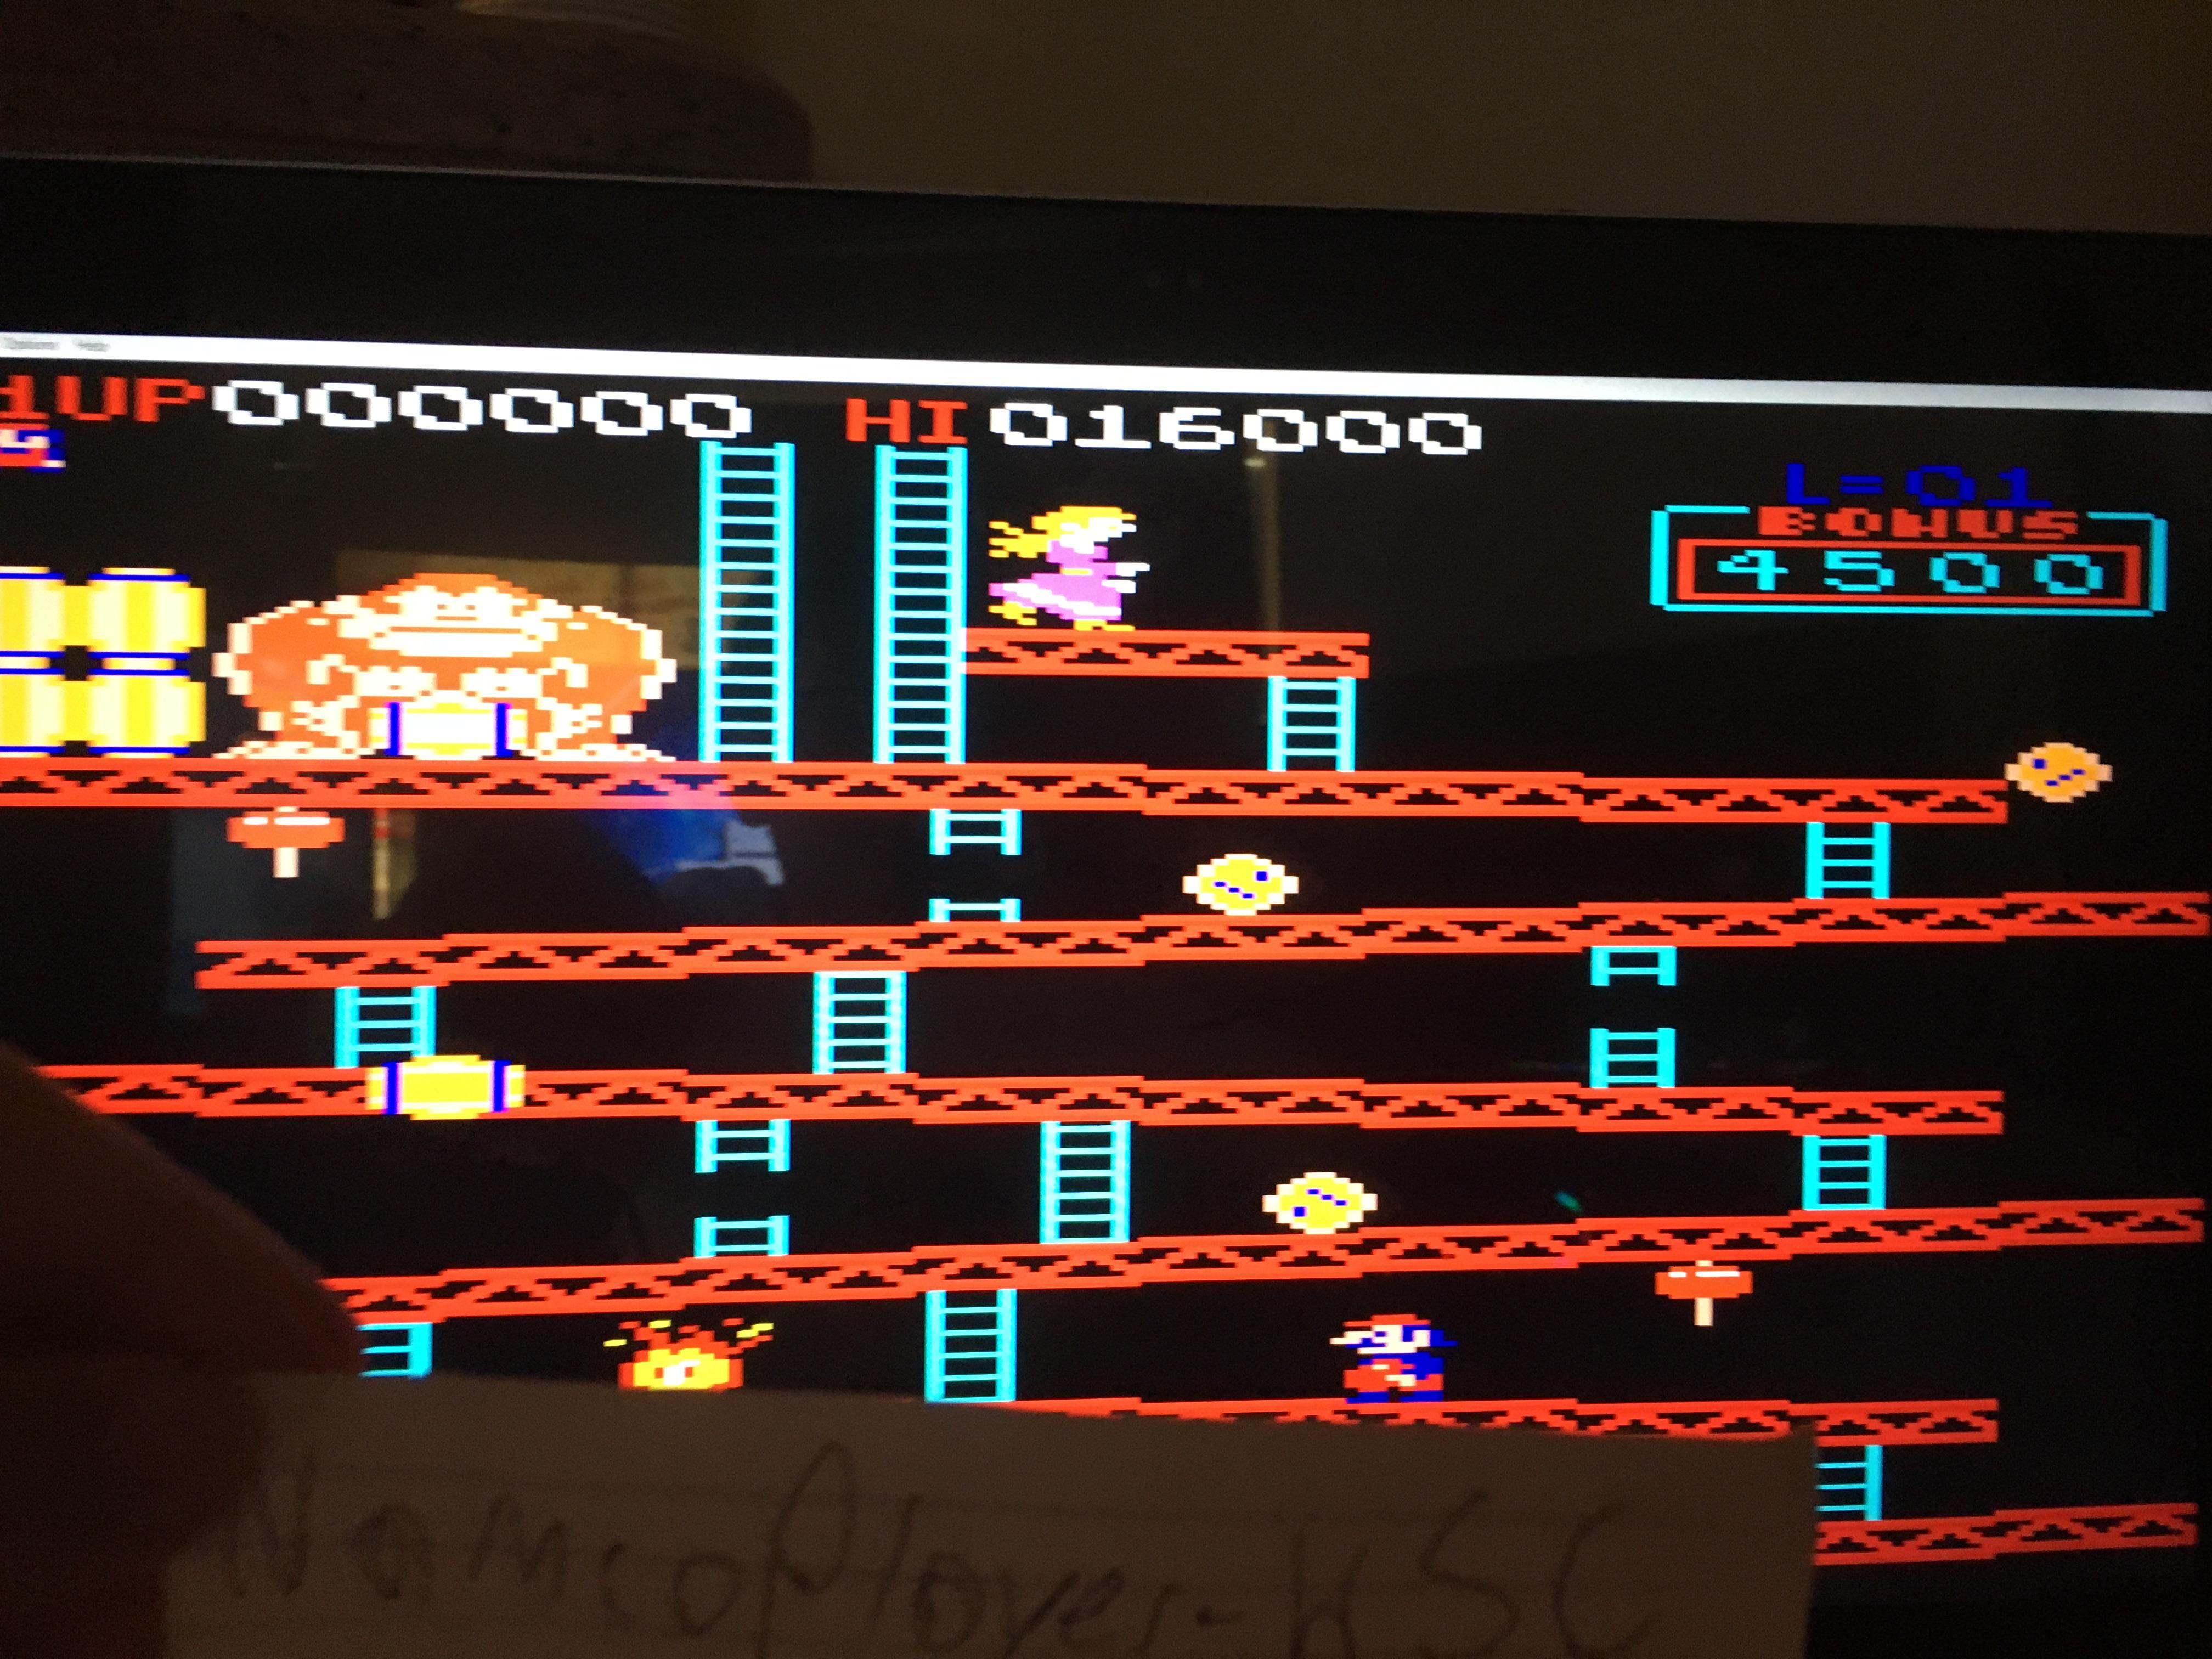 NamcoPlayer: Donkey Kong XM: Japan/Arcade [Level 1 Start] (Atari 7800 Emulated) 16,000 points on 2020-10-06 16:21:35